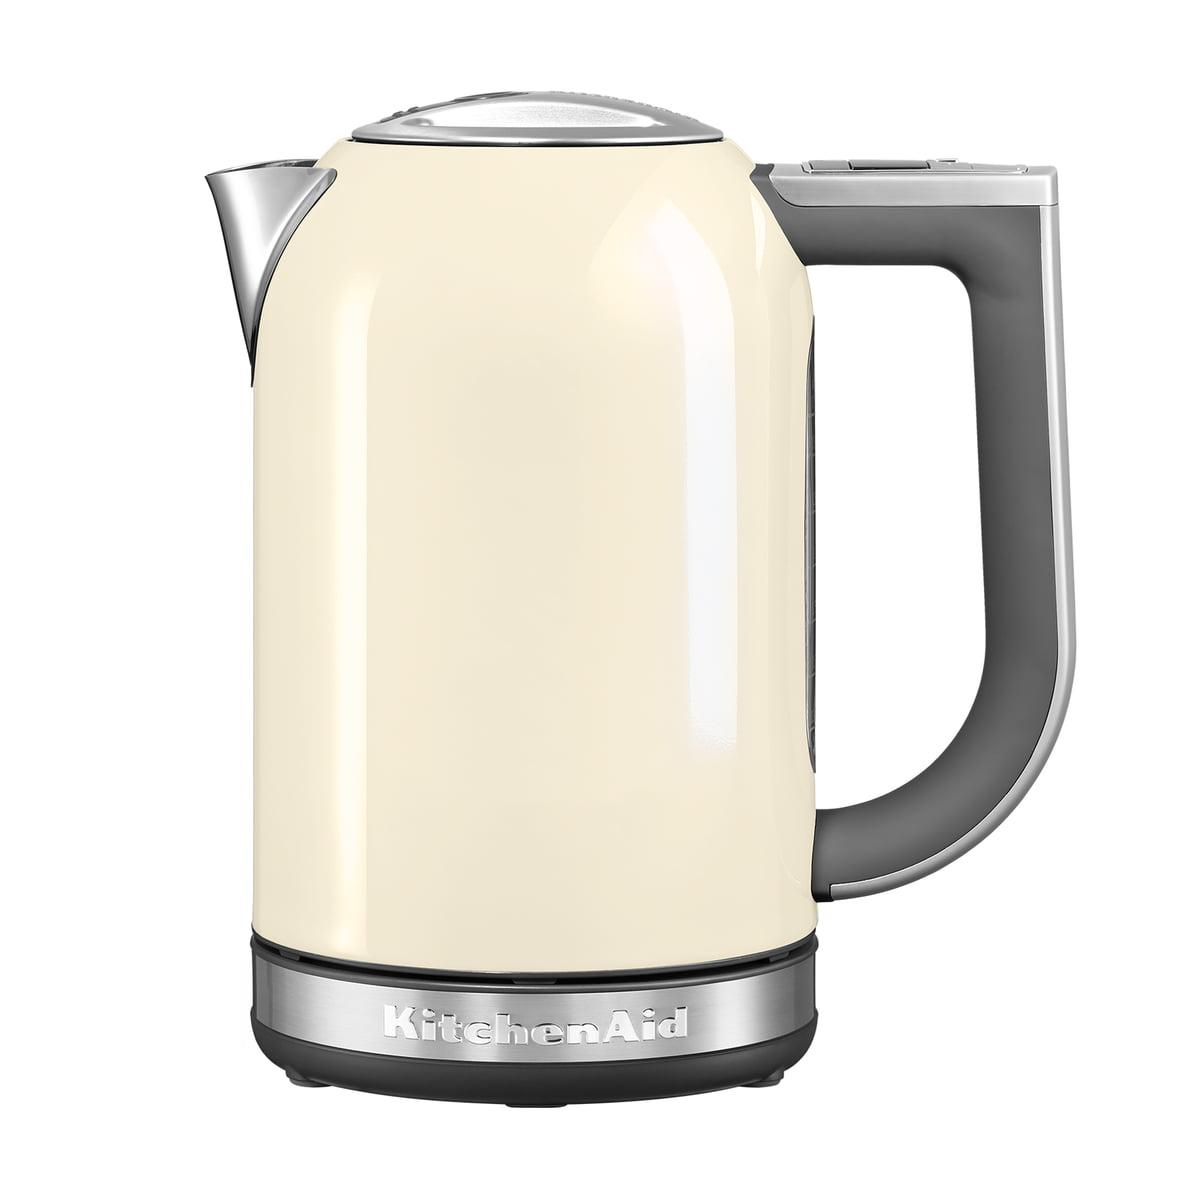 Kitchen Aid KitchenAid - Wasserkocher 1,7 l (5KEK1722), crème | Küche und Esszimmer > Küchengeräte | Créme | Edelstahl | Kitchen Aid